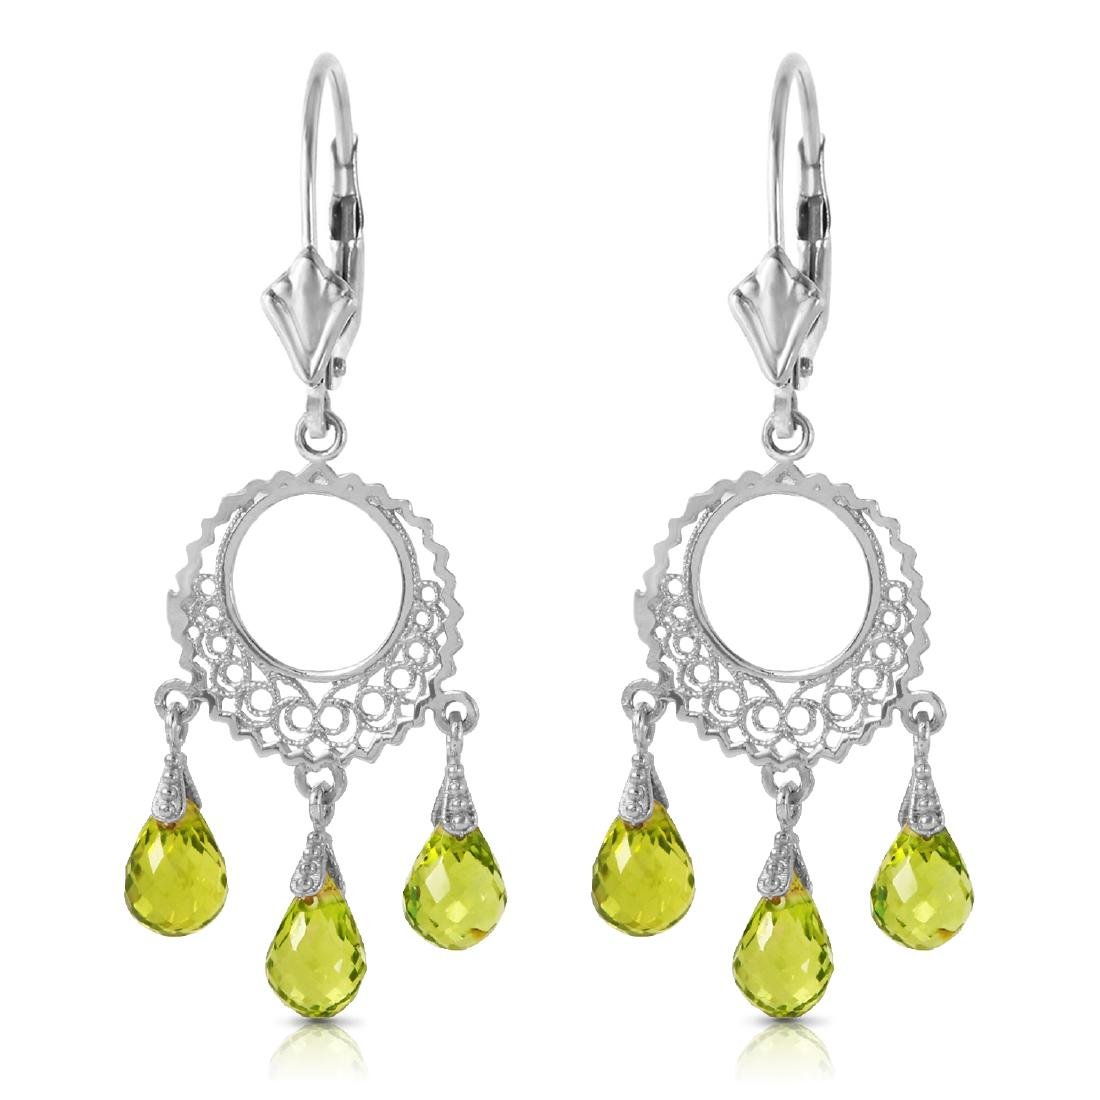 Genuine 3.75 ctw Peridot Earrings Jewelry 14KT White